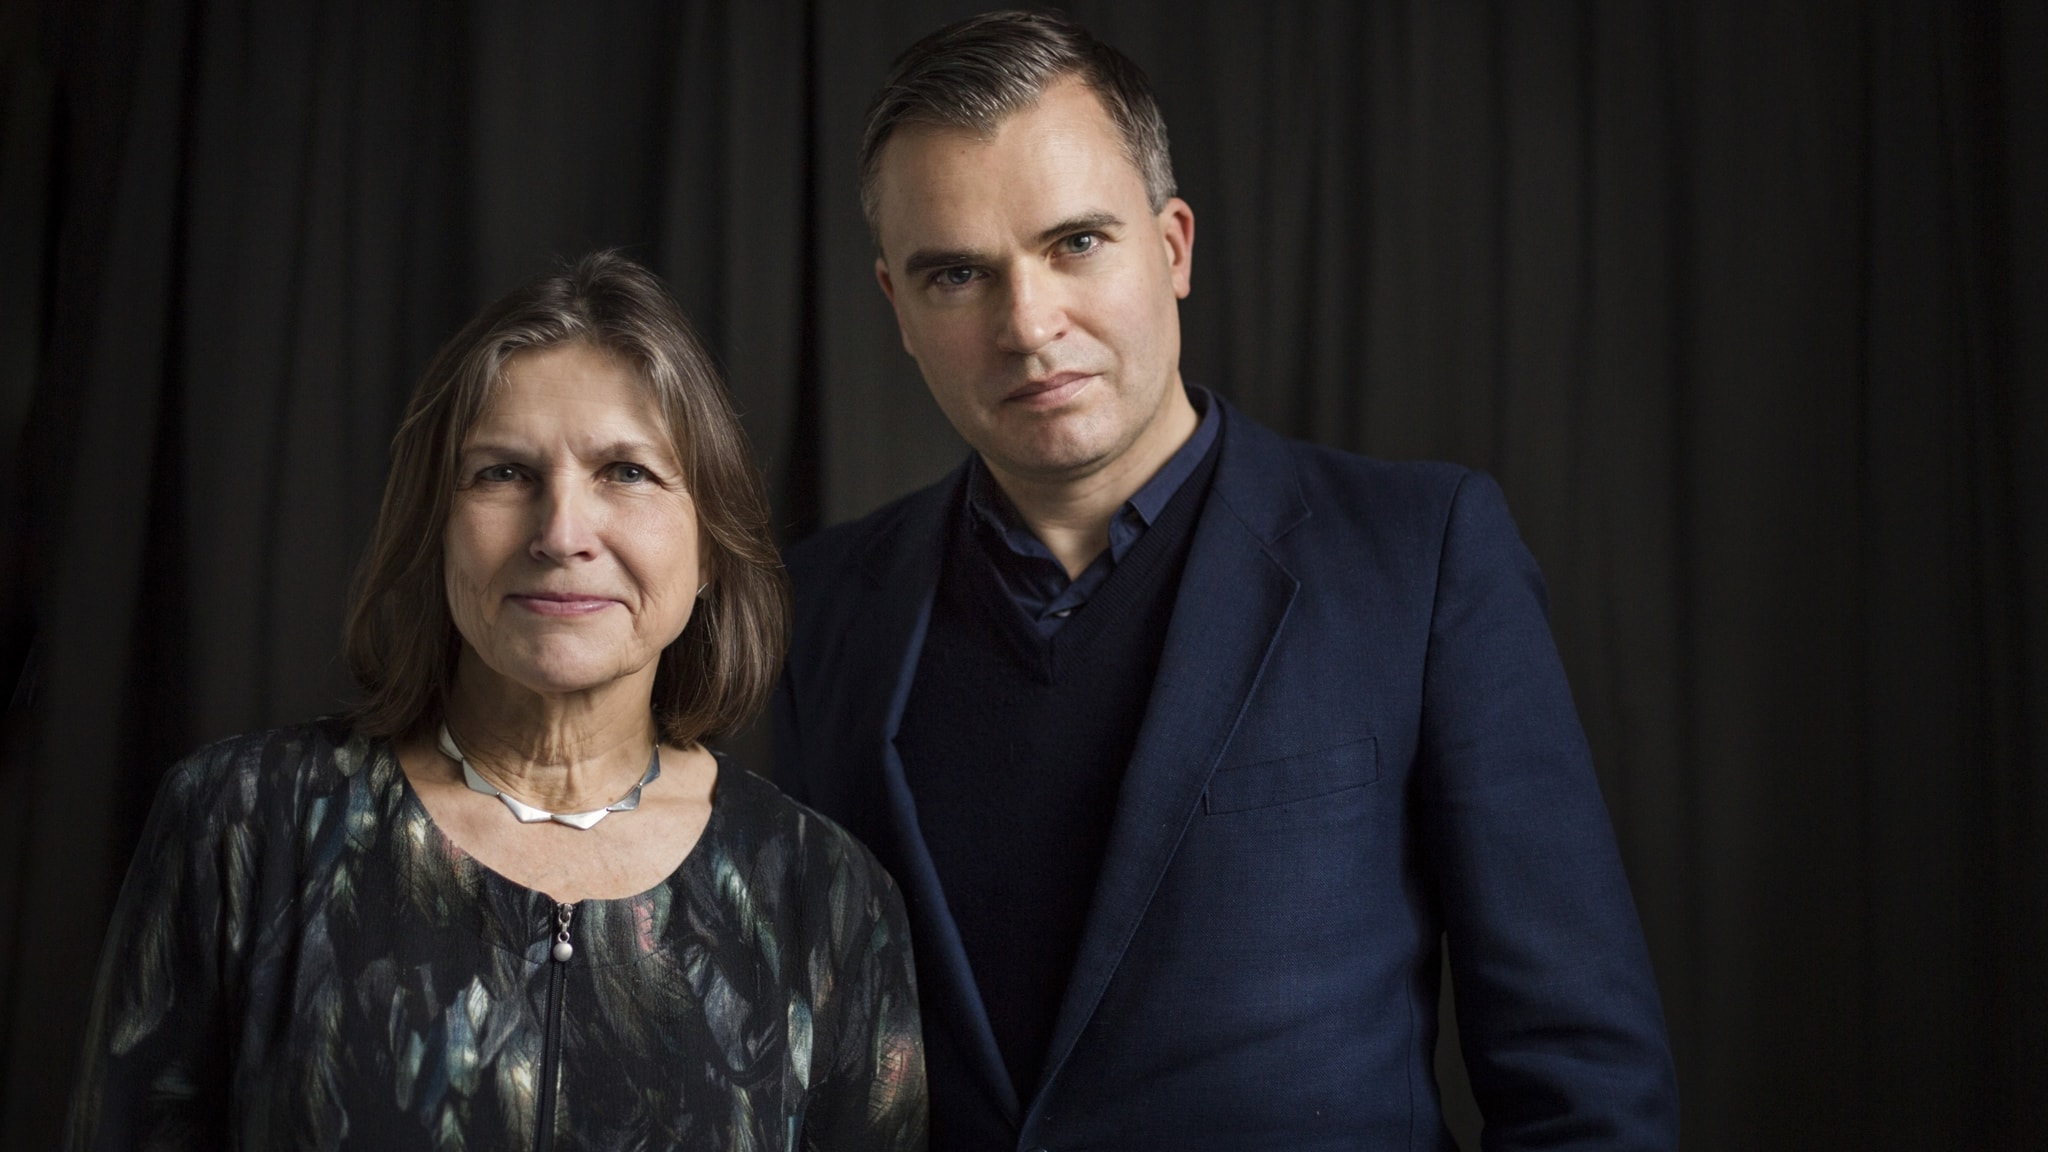 Ingrid Elam och Jerker Virdborg